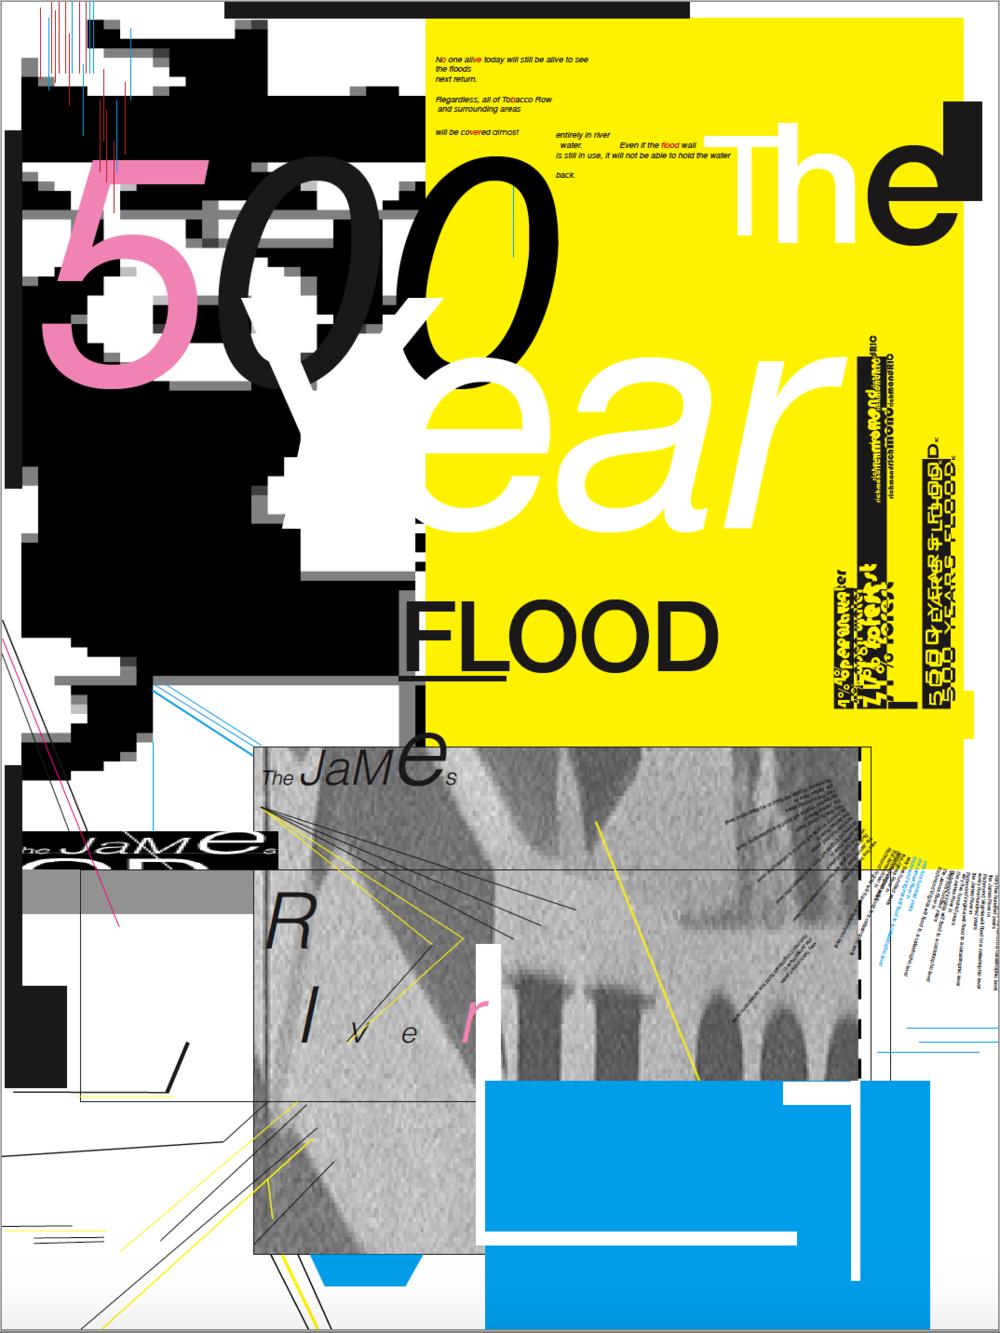 Richmond - 500 year flood